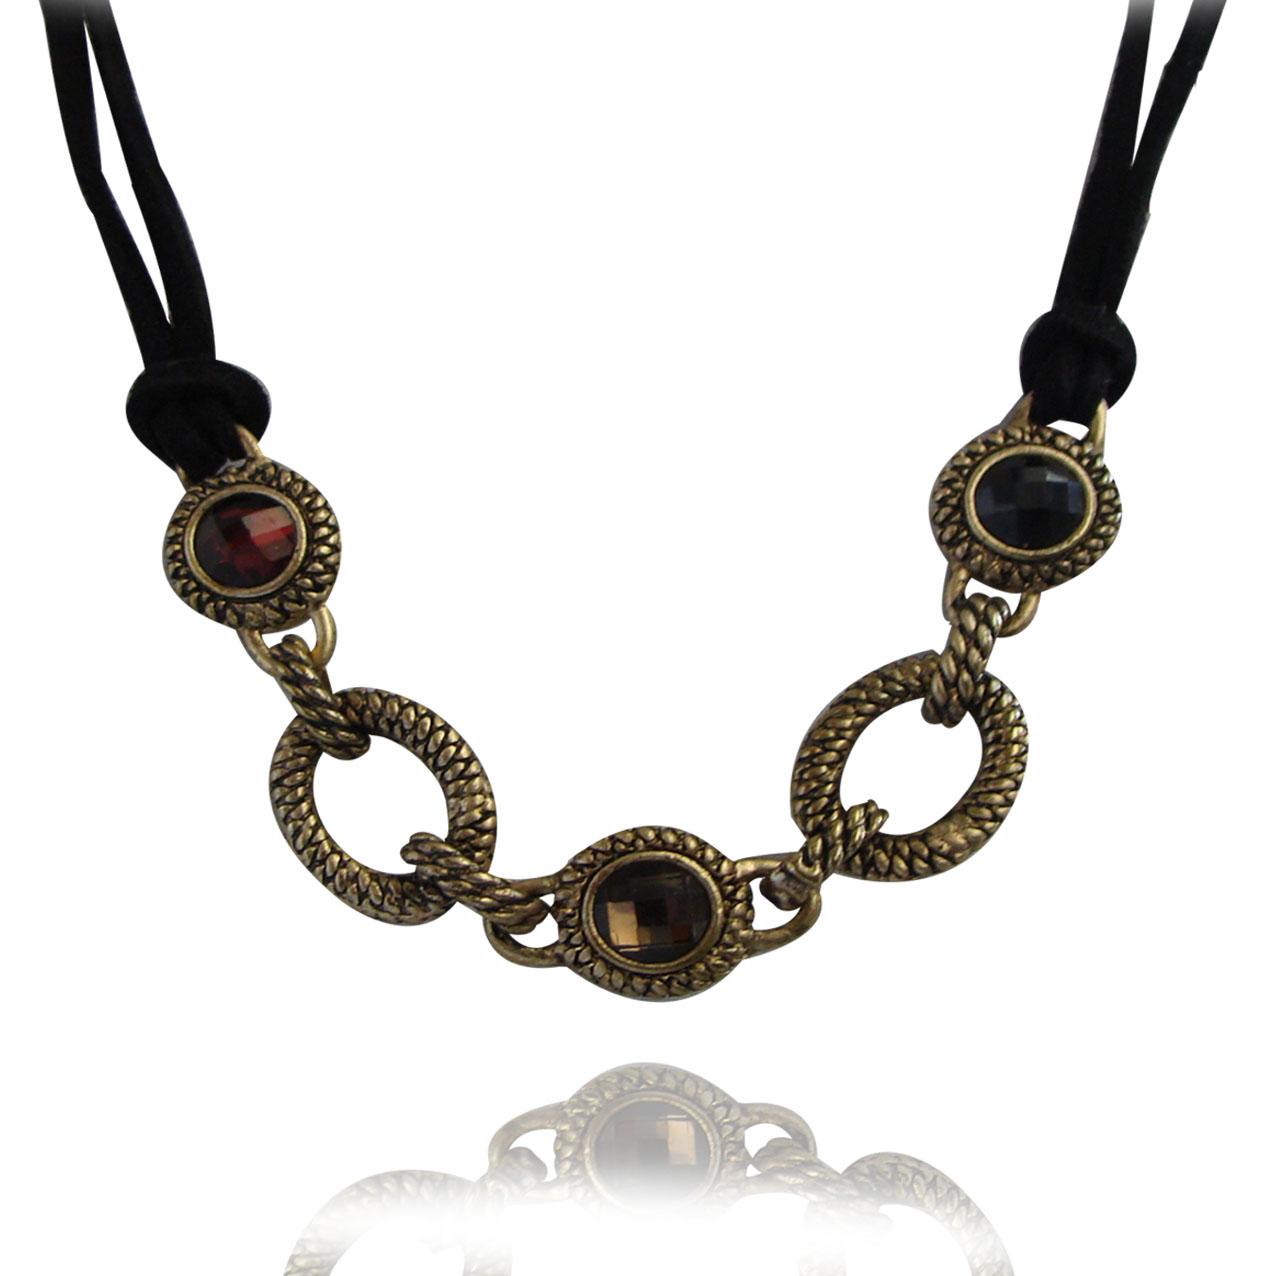 新款饰品热卖 复古宝石锁骨链 皮绳高端项链 c38 手链 分开拍